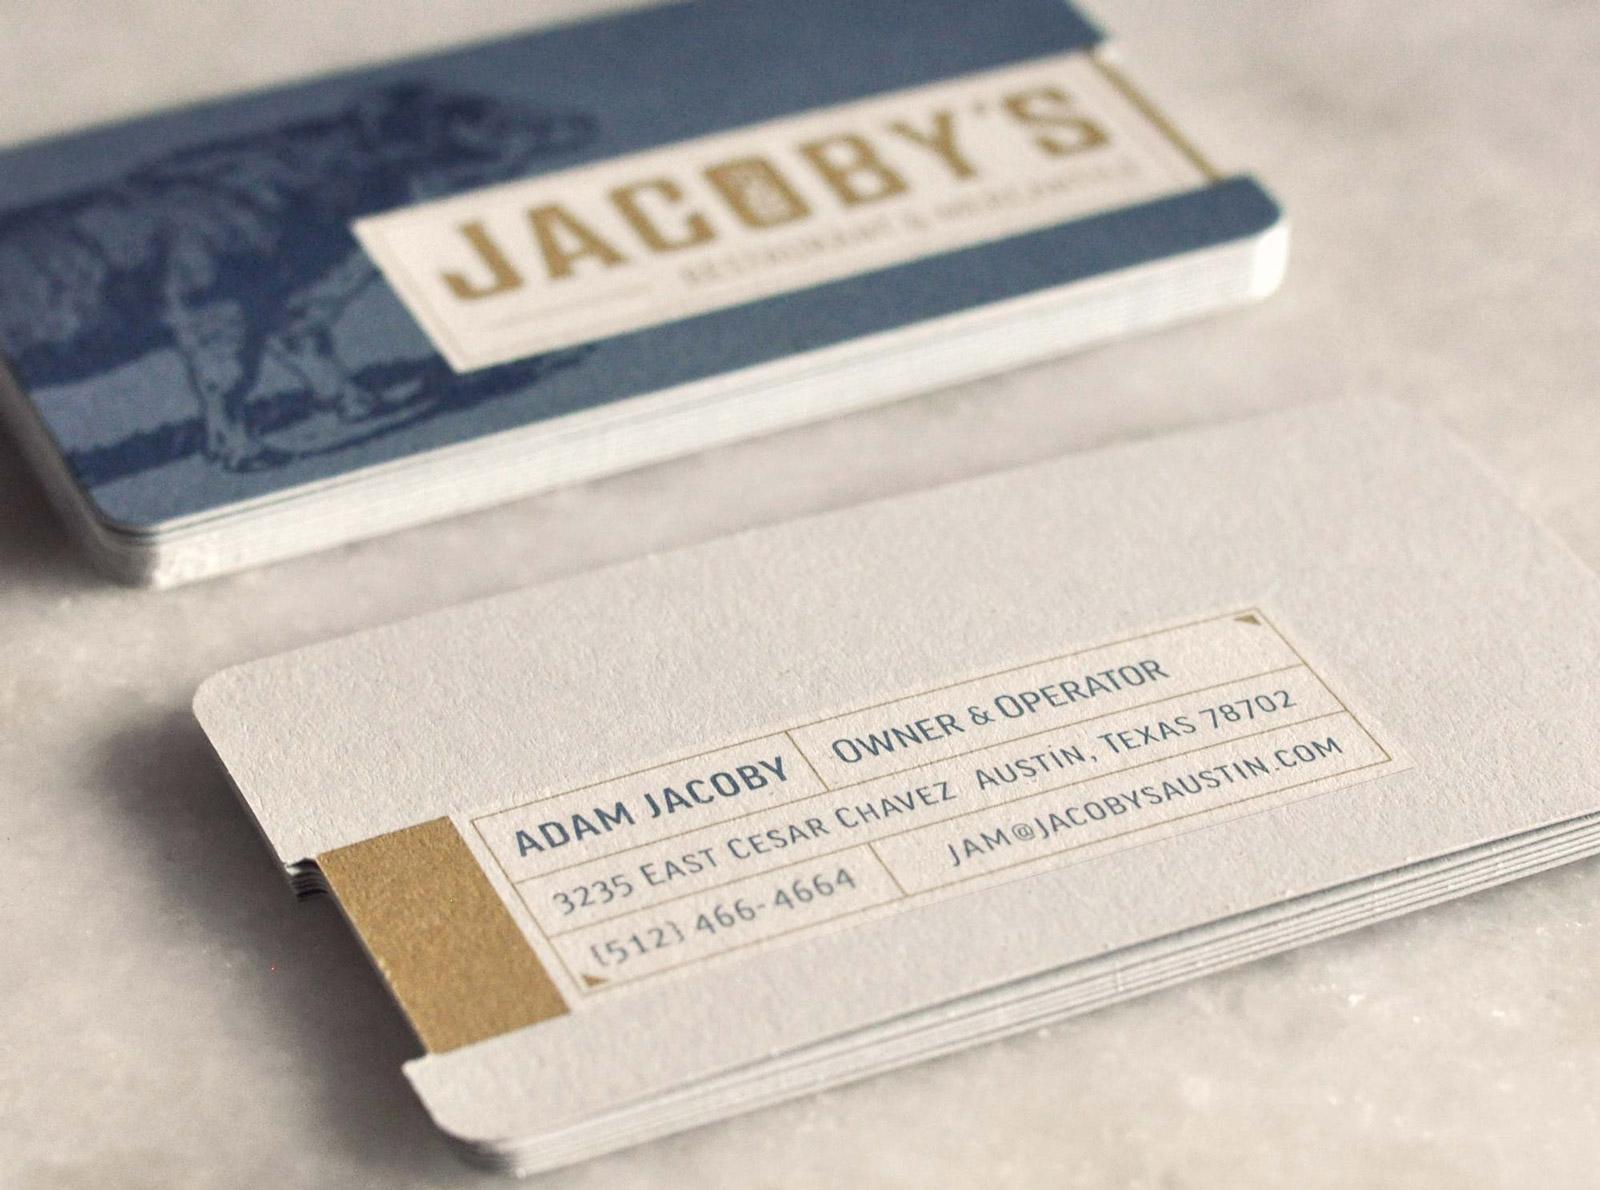 Jacoby s Restaurant & Mercantile Restaurant Branding